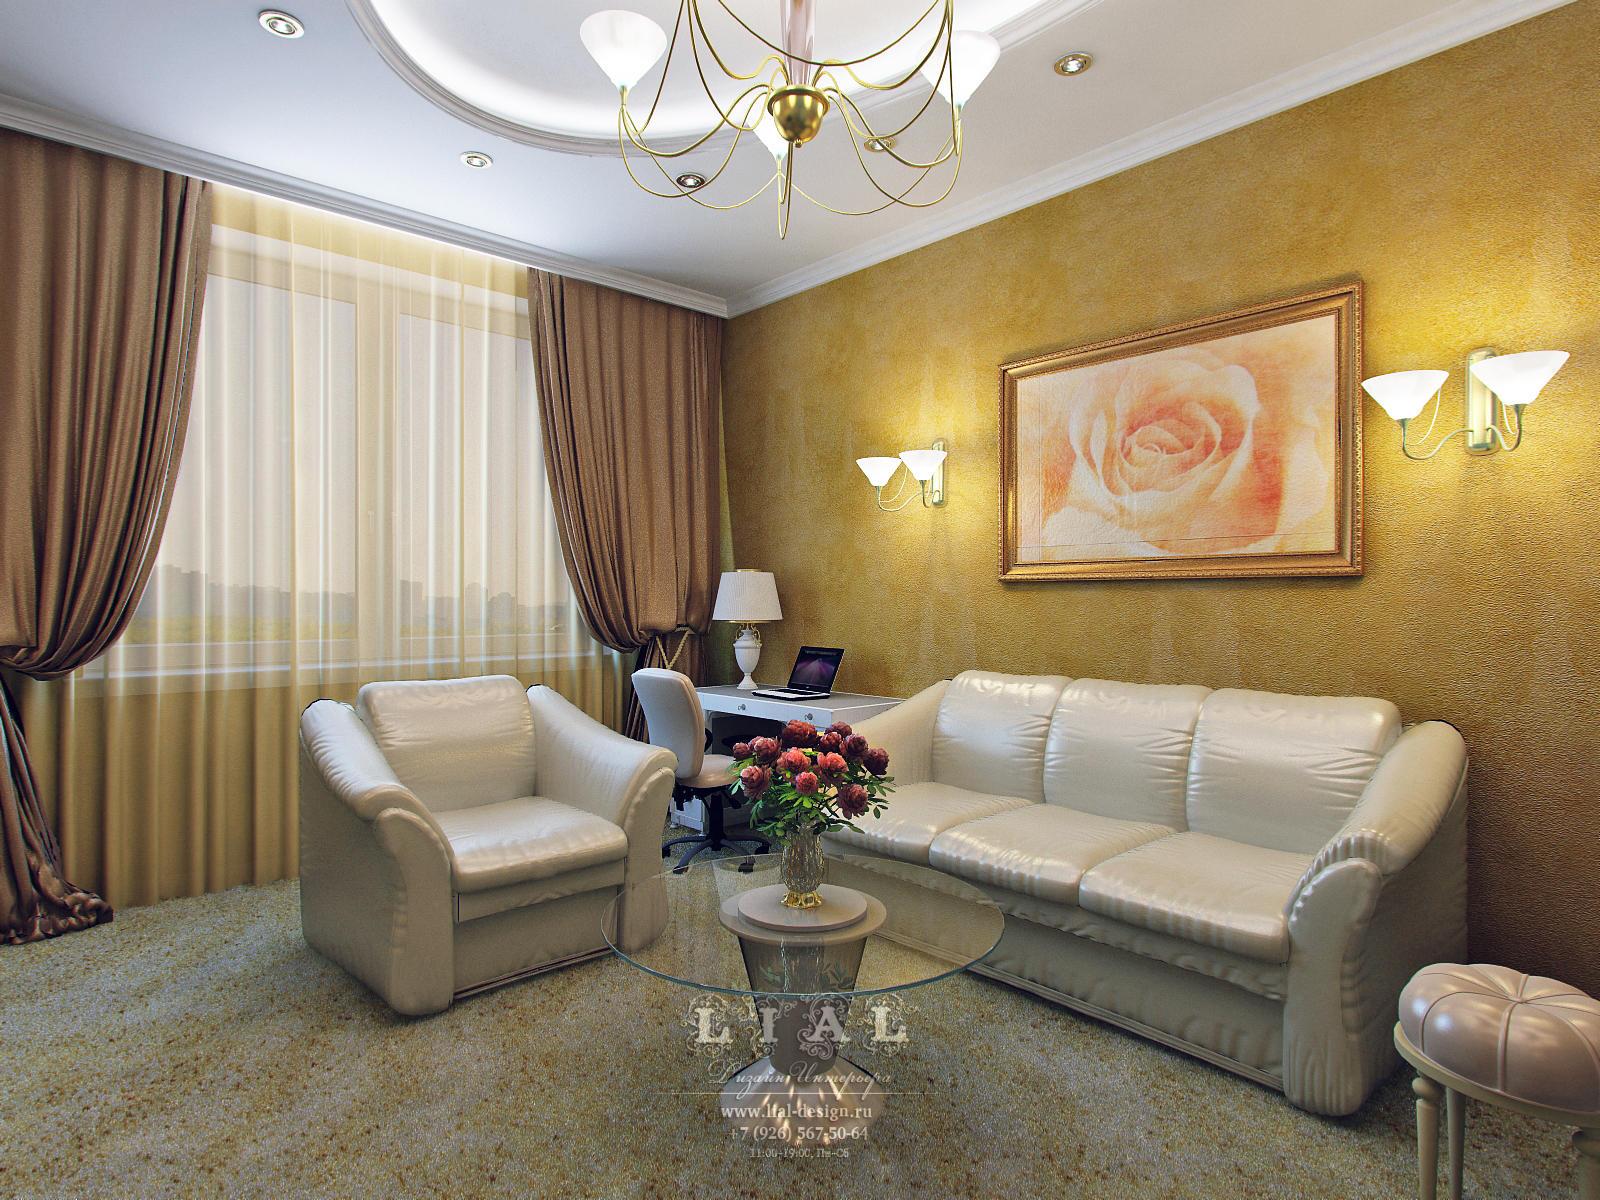 Ремонт спальни 9-12 кв. м. своими руками в хрущевке, фото 16